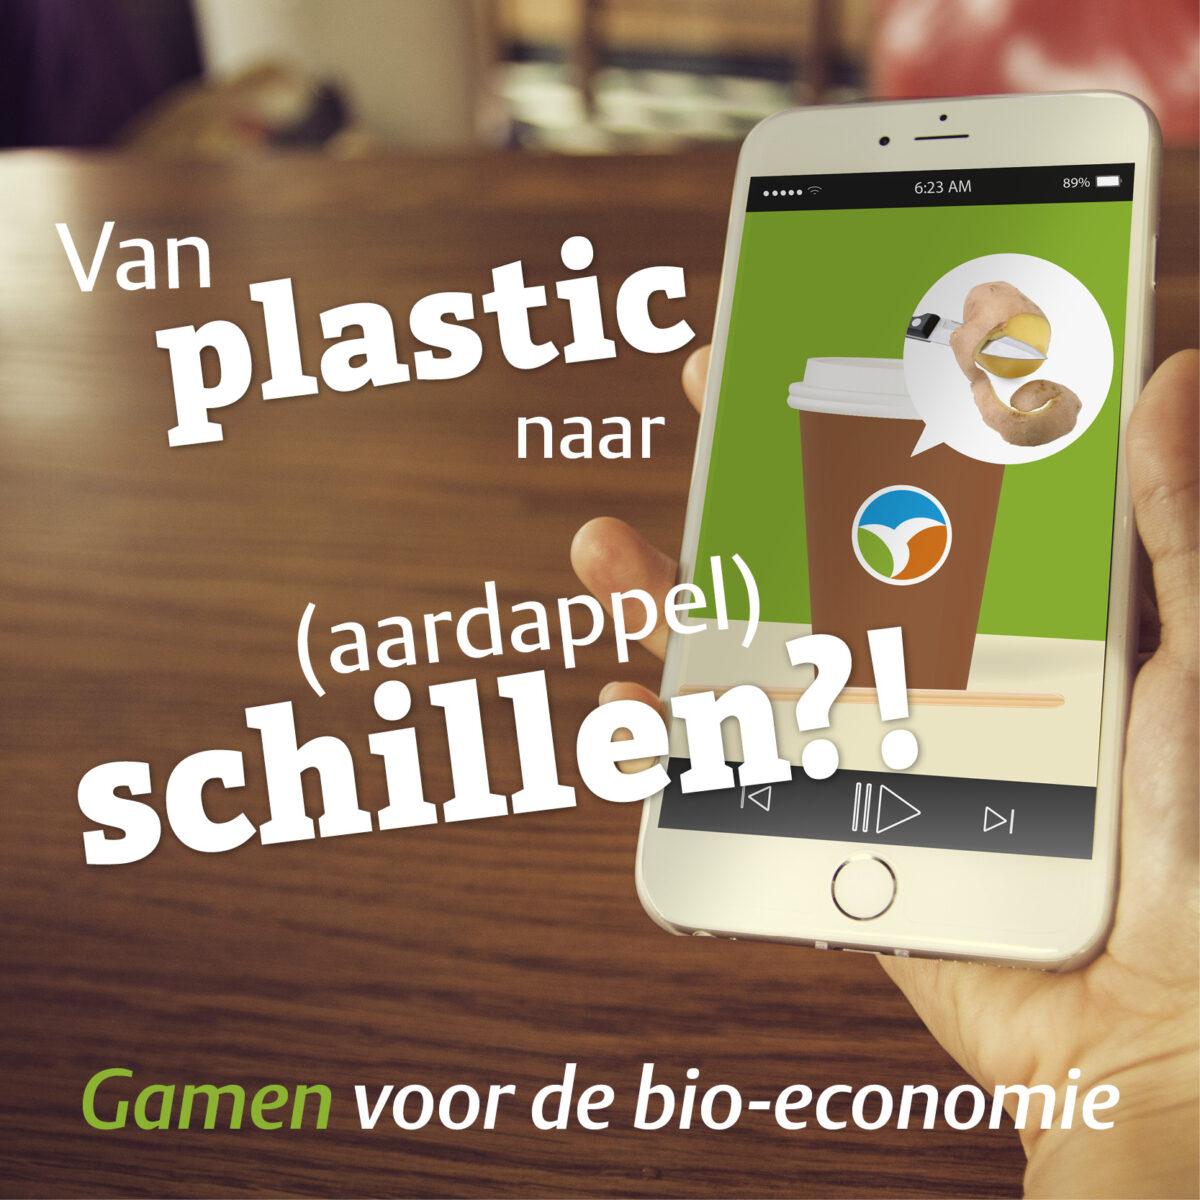 Al spelend brengen we de bio-economie naar een next level. Help je mee?